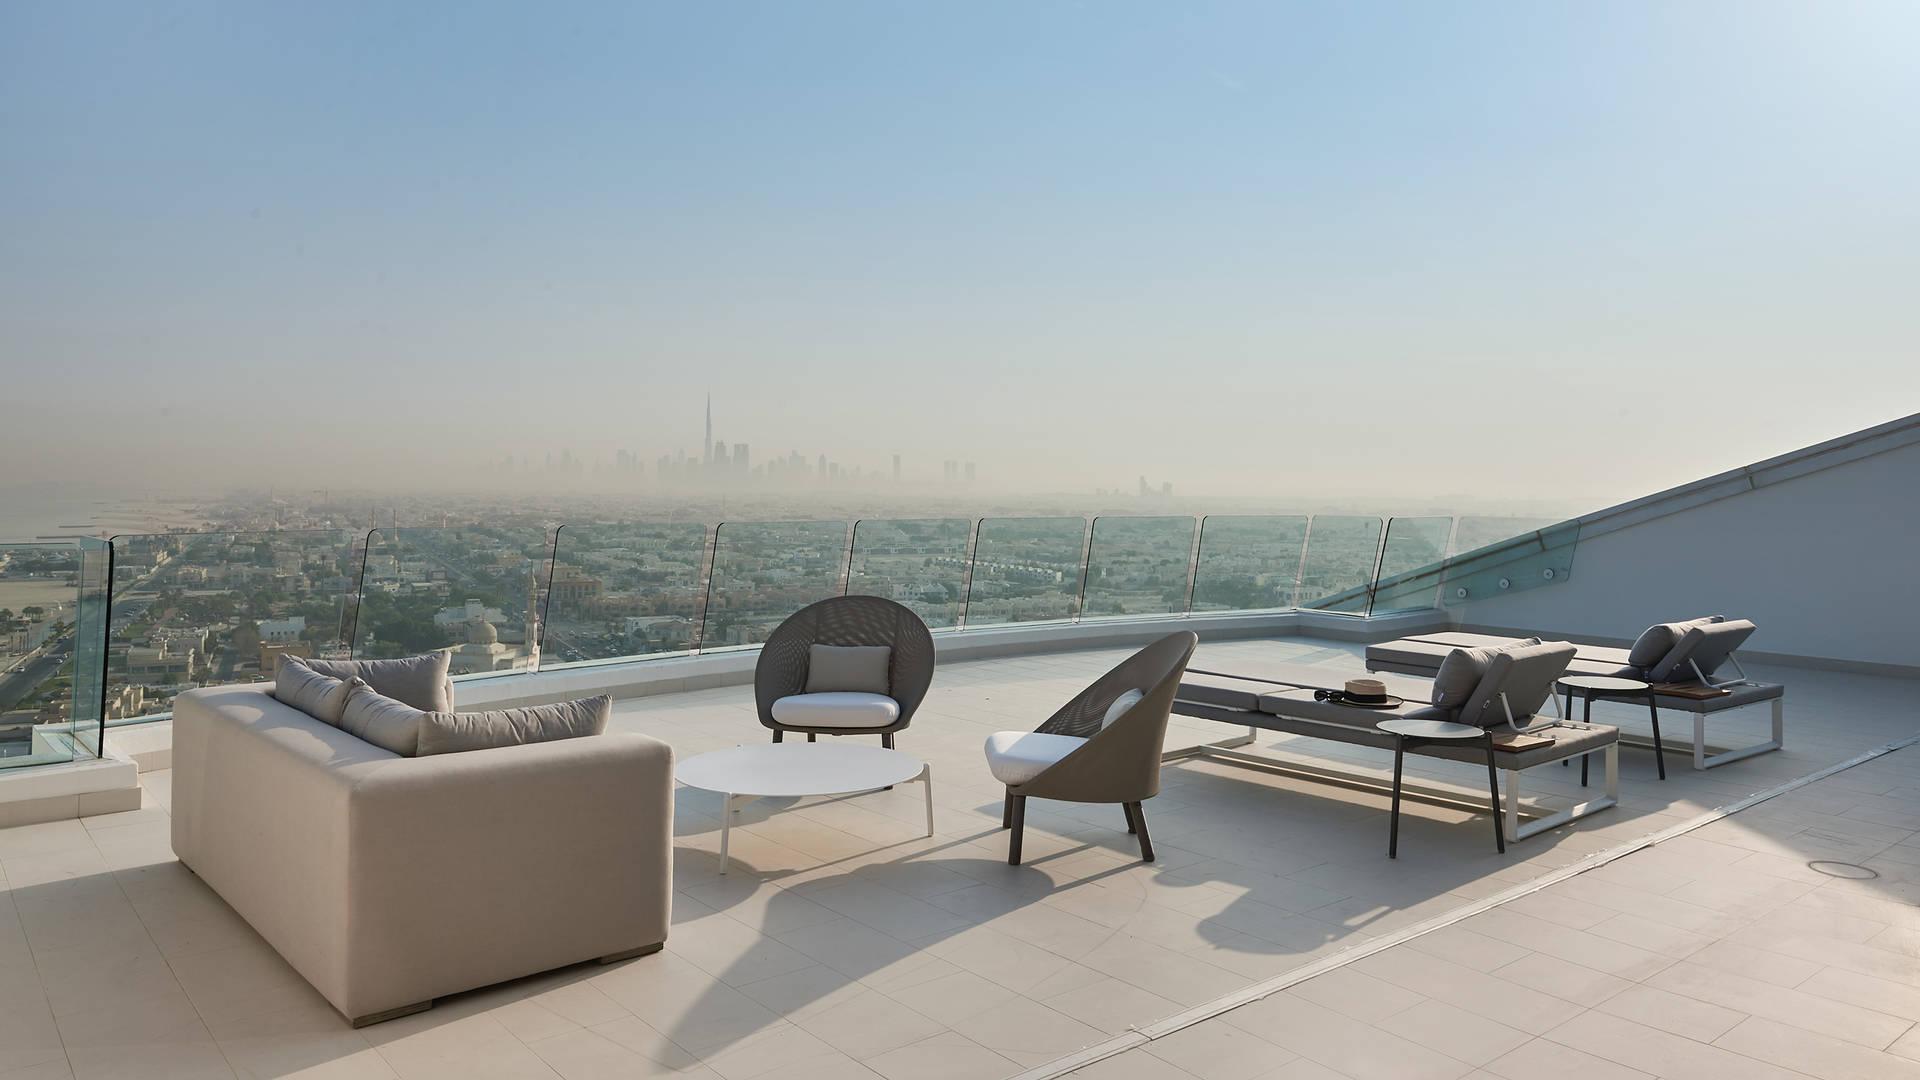 Dubai skyline from the Jumeirah Beach hotel Terrace